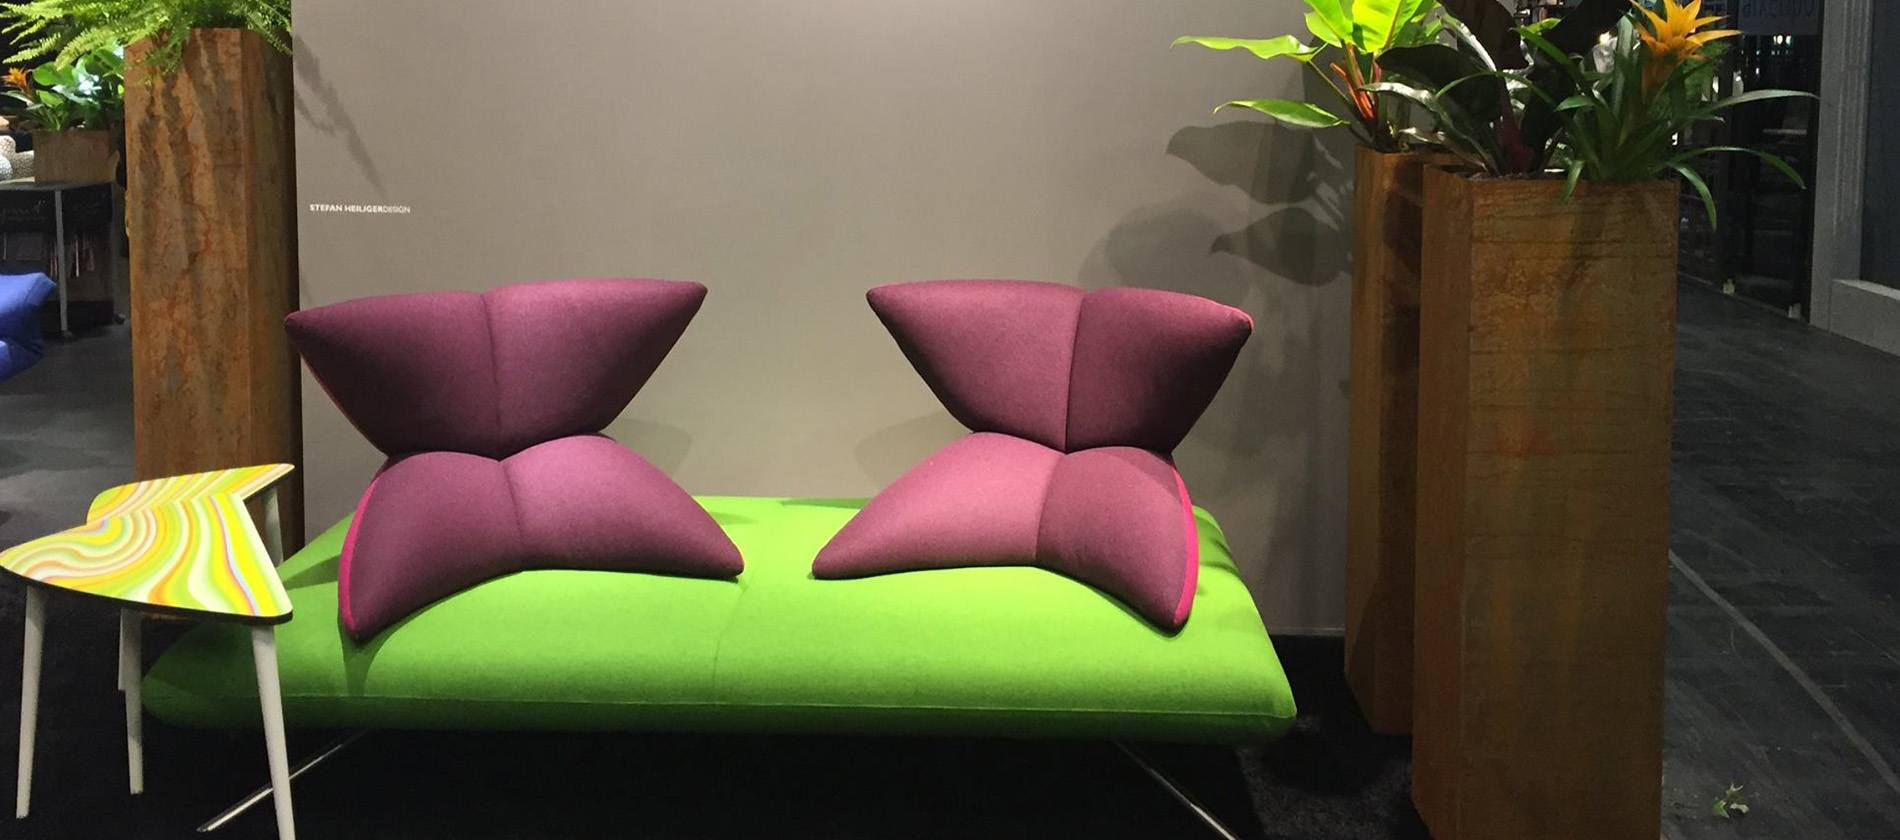 signet messeimpressionen der imm k ln 2016. Black Bedroom Furniture Sets. Home Design Ideas